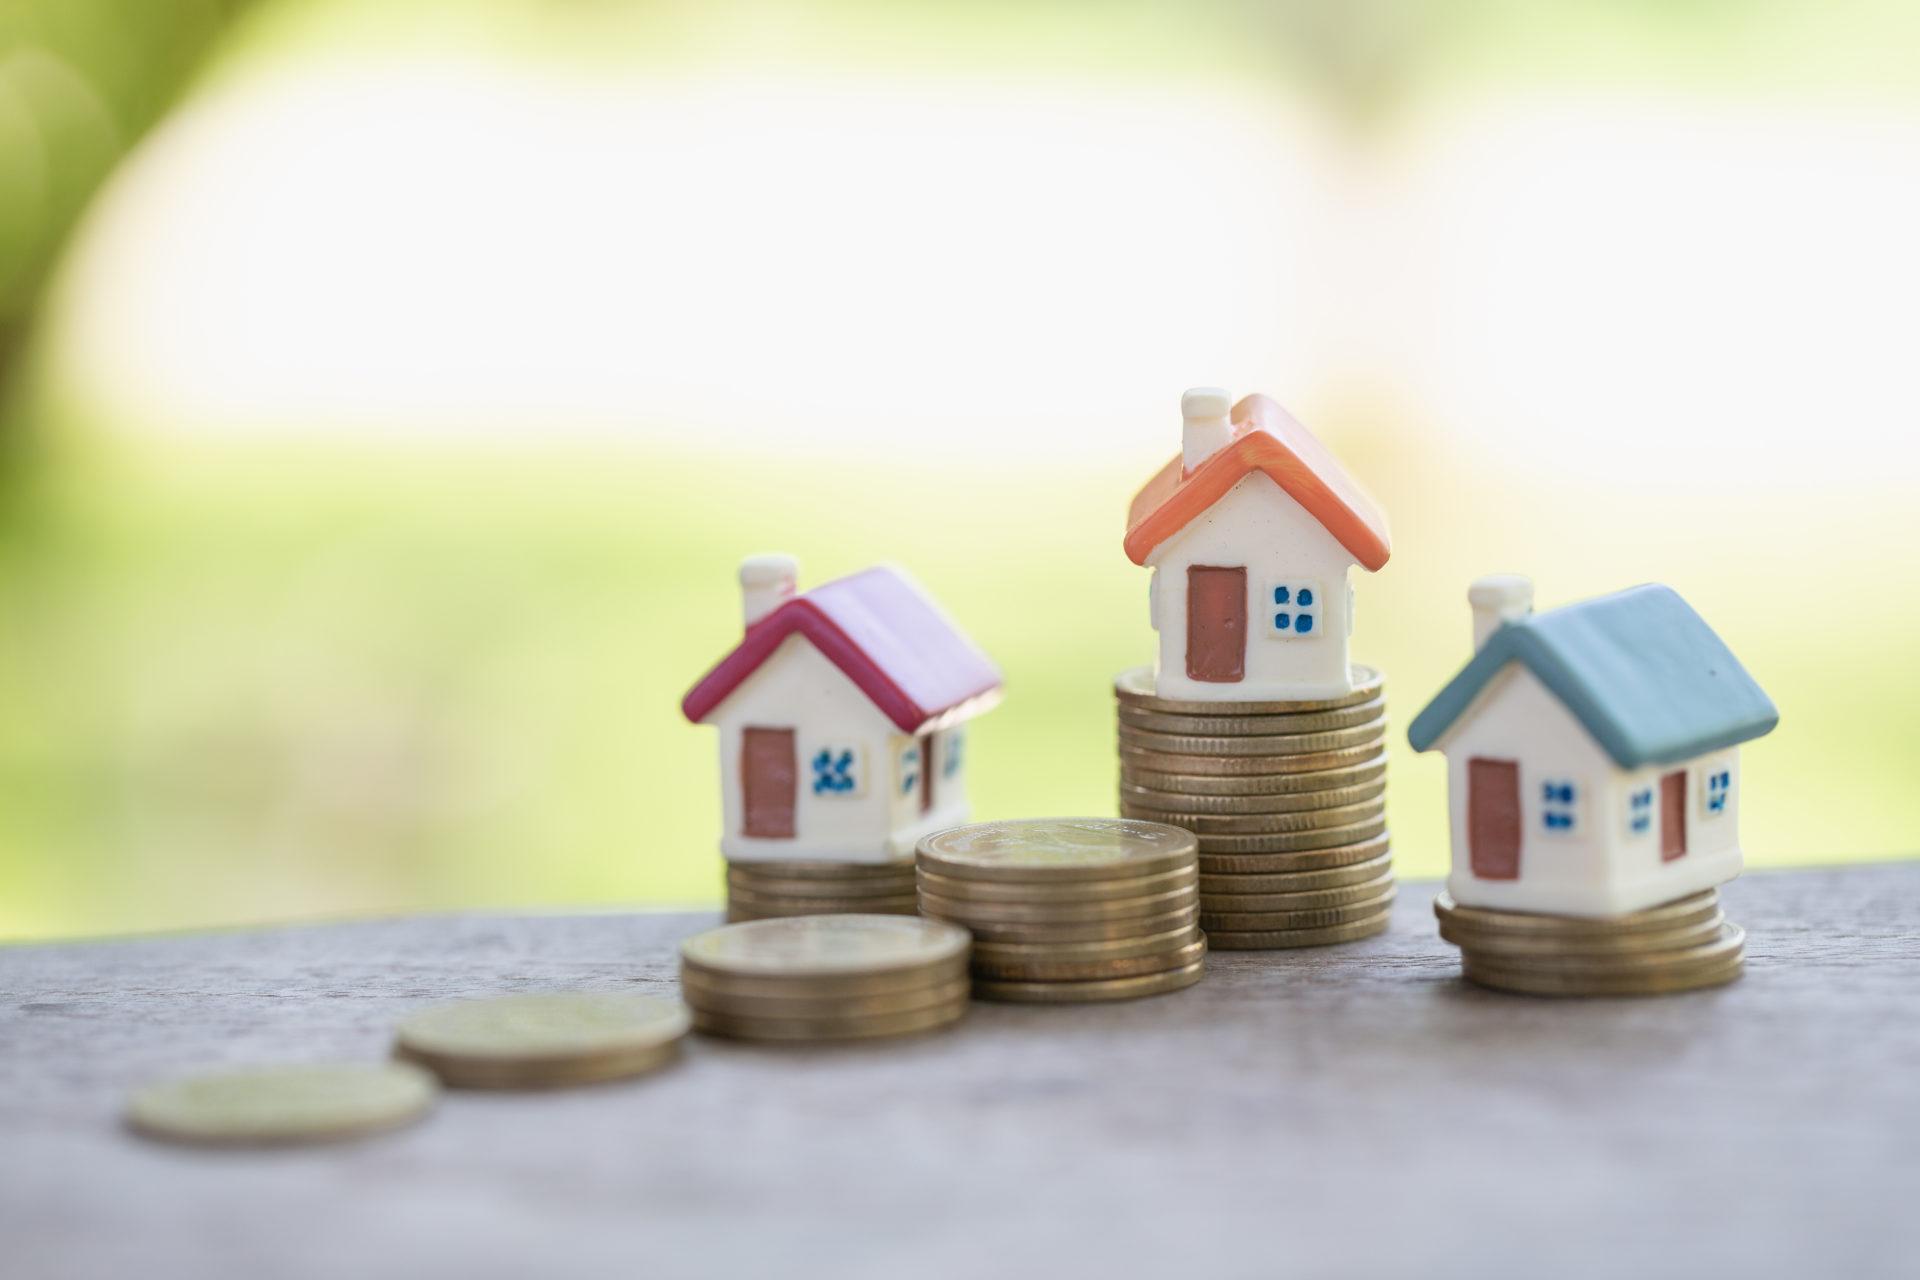 Jak ušetřit na bydlení? 5 tipů, které zachrání vaši peněženku